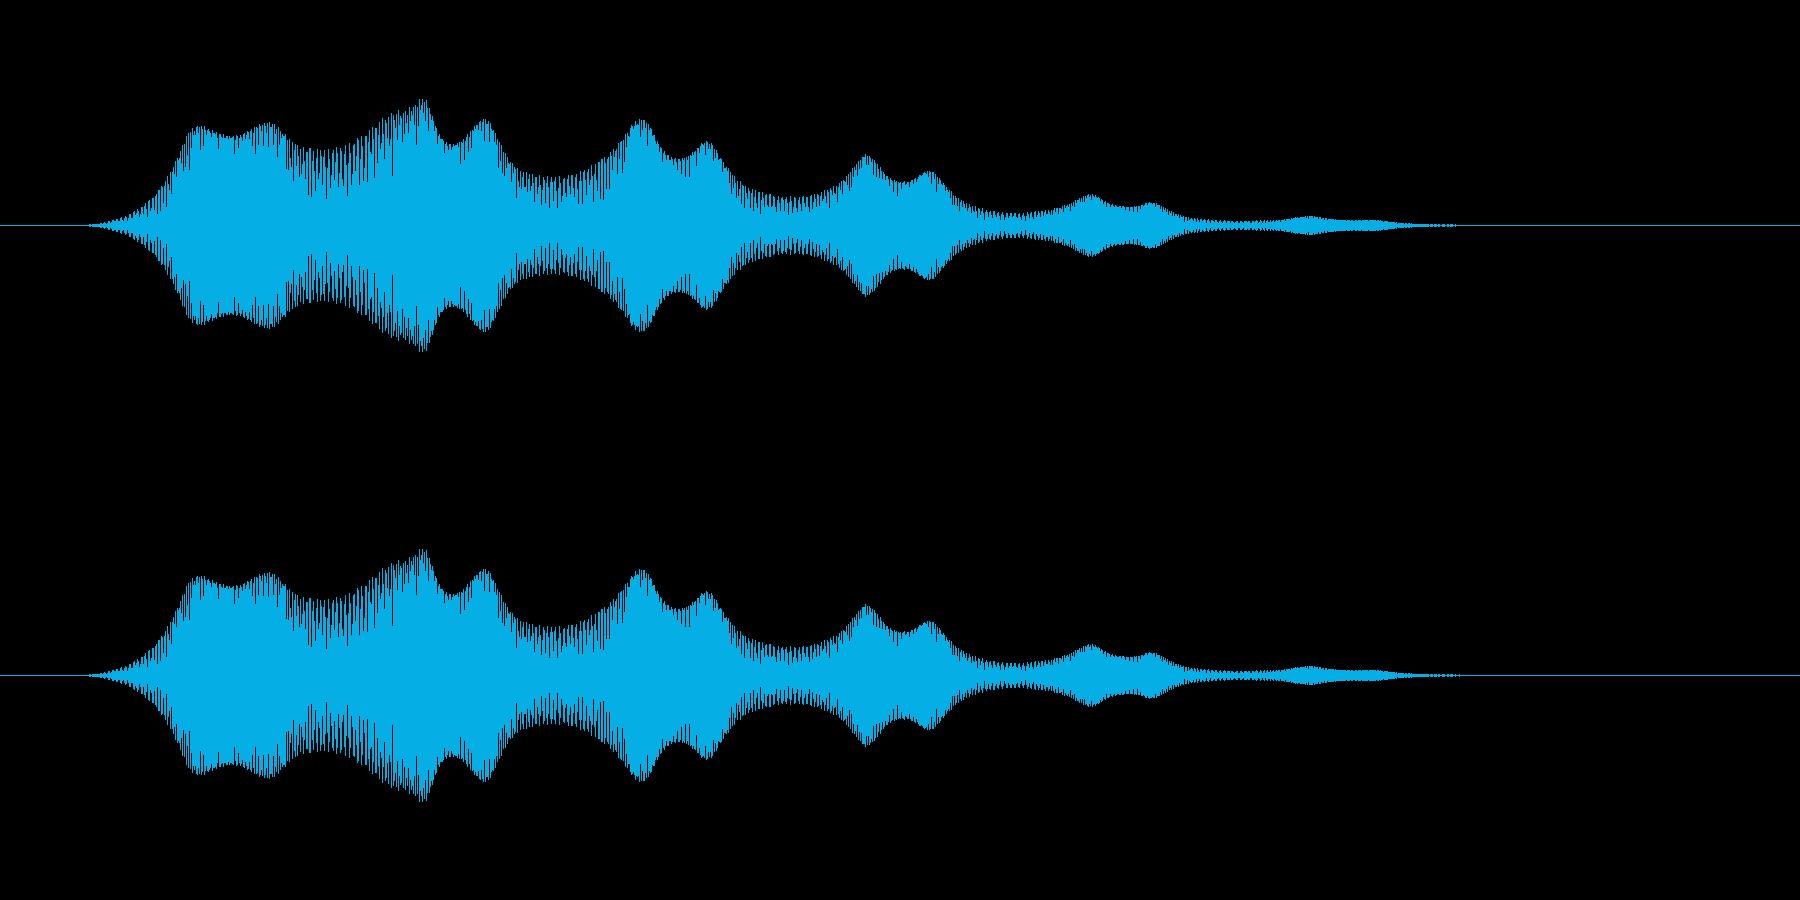 ぽわんわんわん…(想像、思い出す)の再生済みの波形